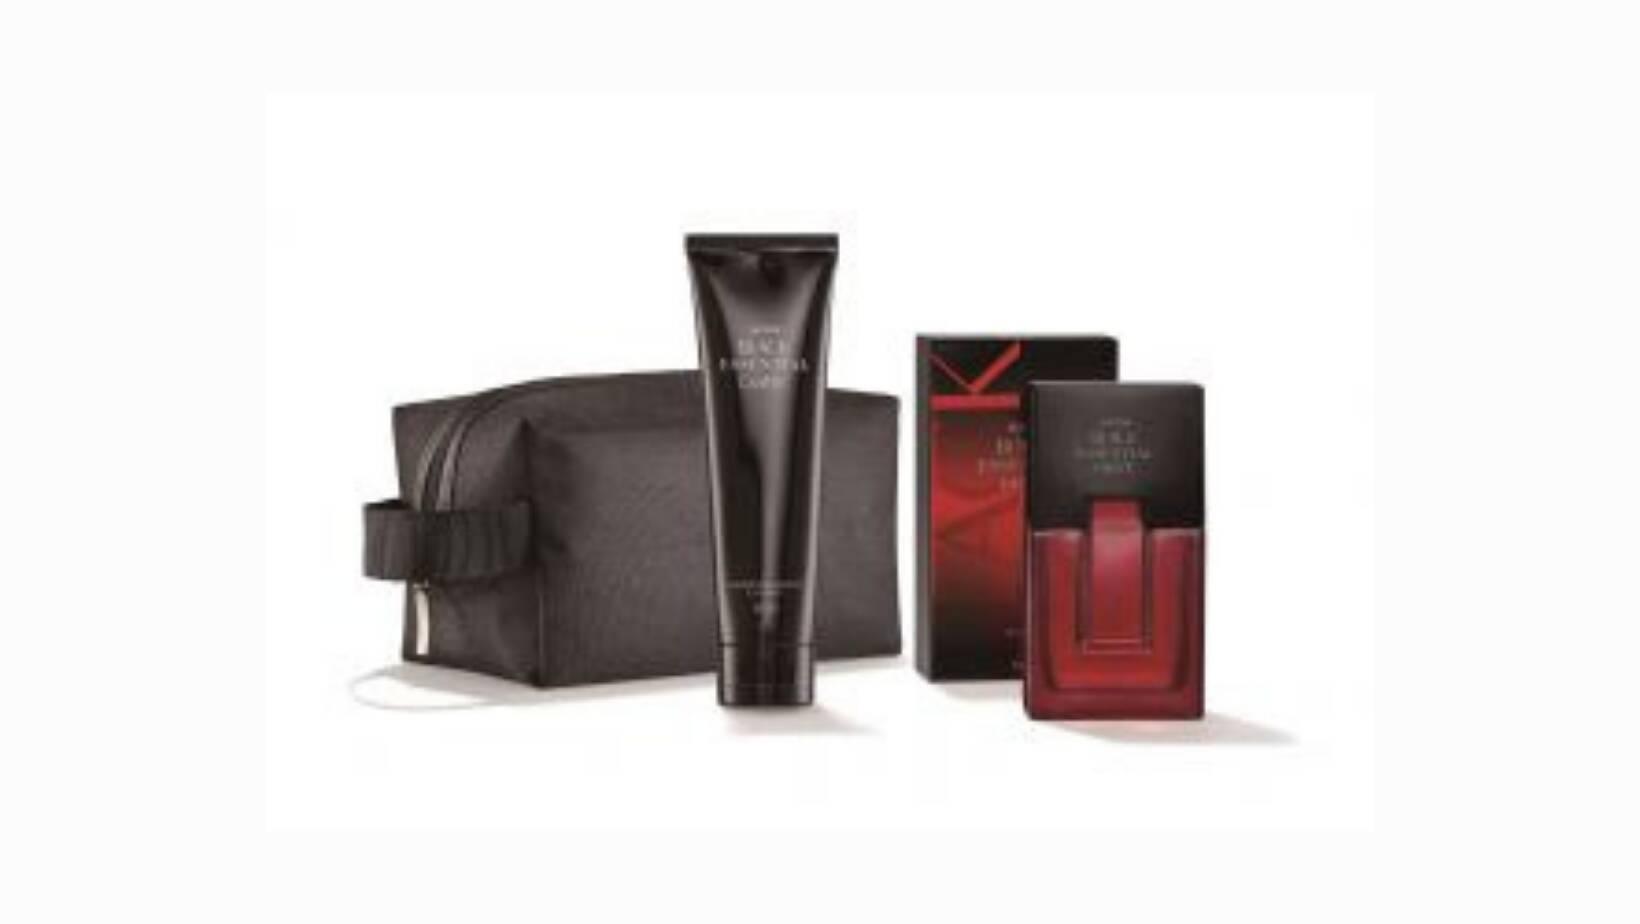 Kit Avon Black Essencial. Contém uma fragrância lançamento Black Essential Hot, o Black Essential Dark shampoo cabelo e corpo e um necessaire Black Essential. Acompanha caixa de presente. R$ 85,90.. Foto: Divulgação